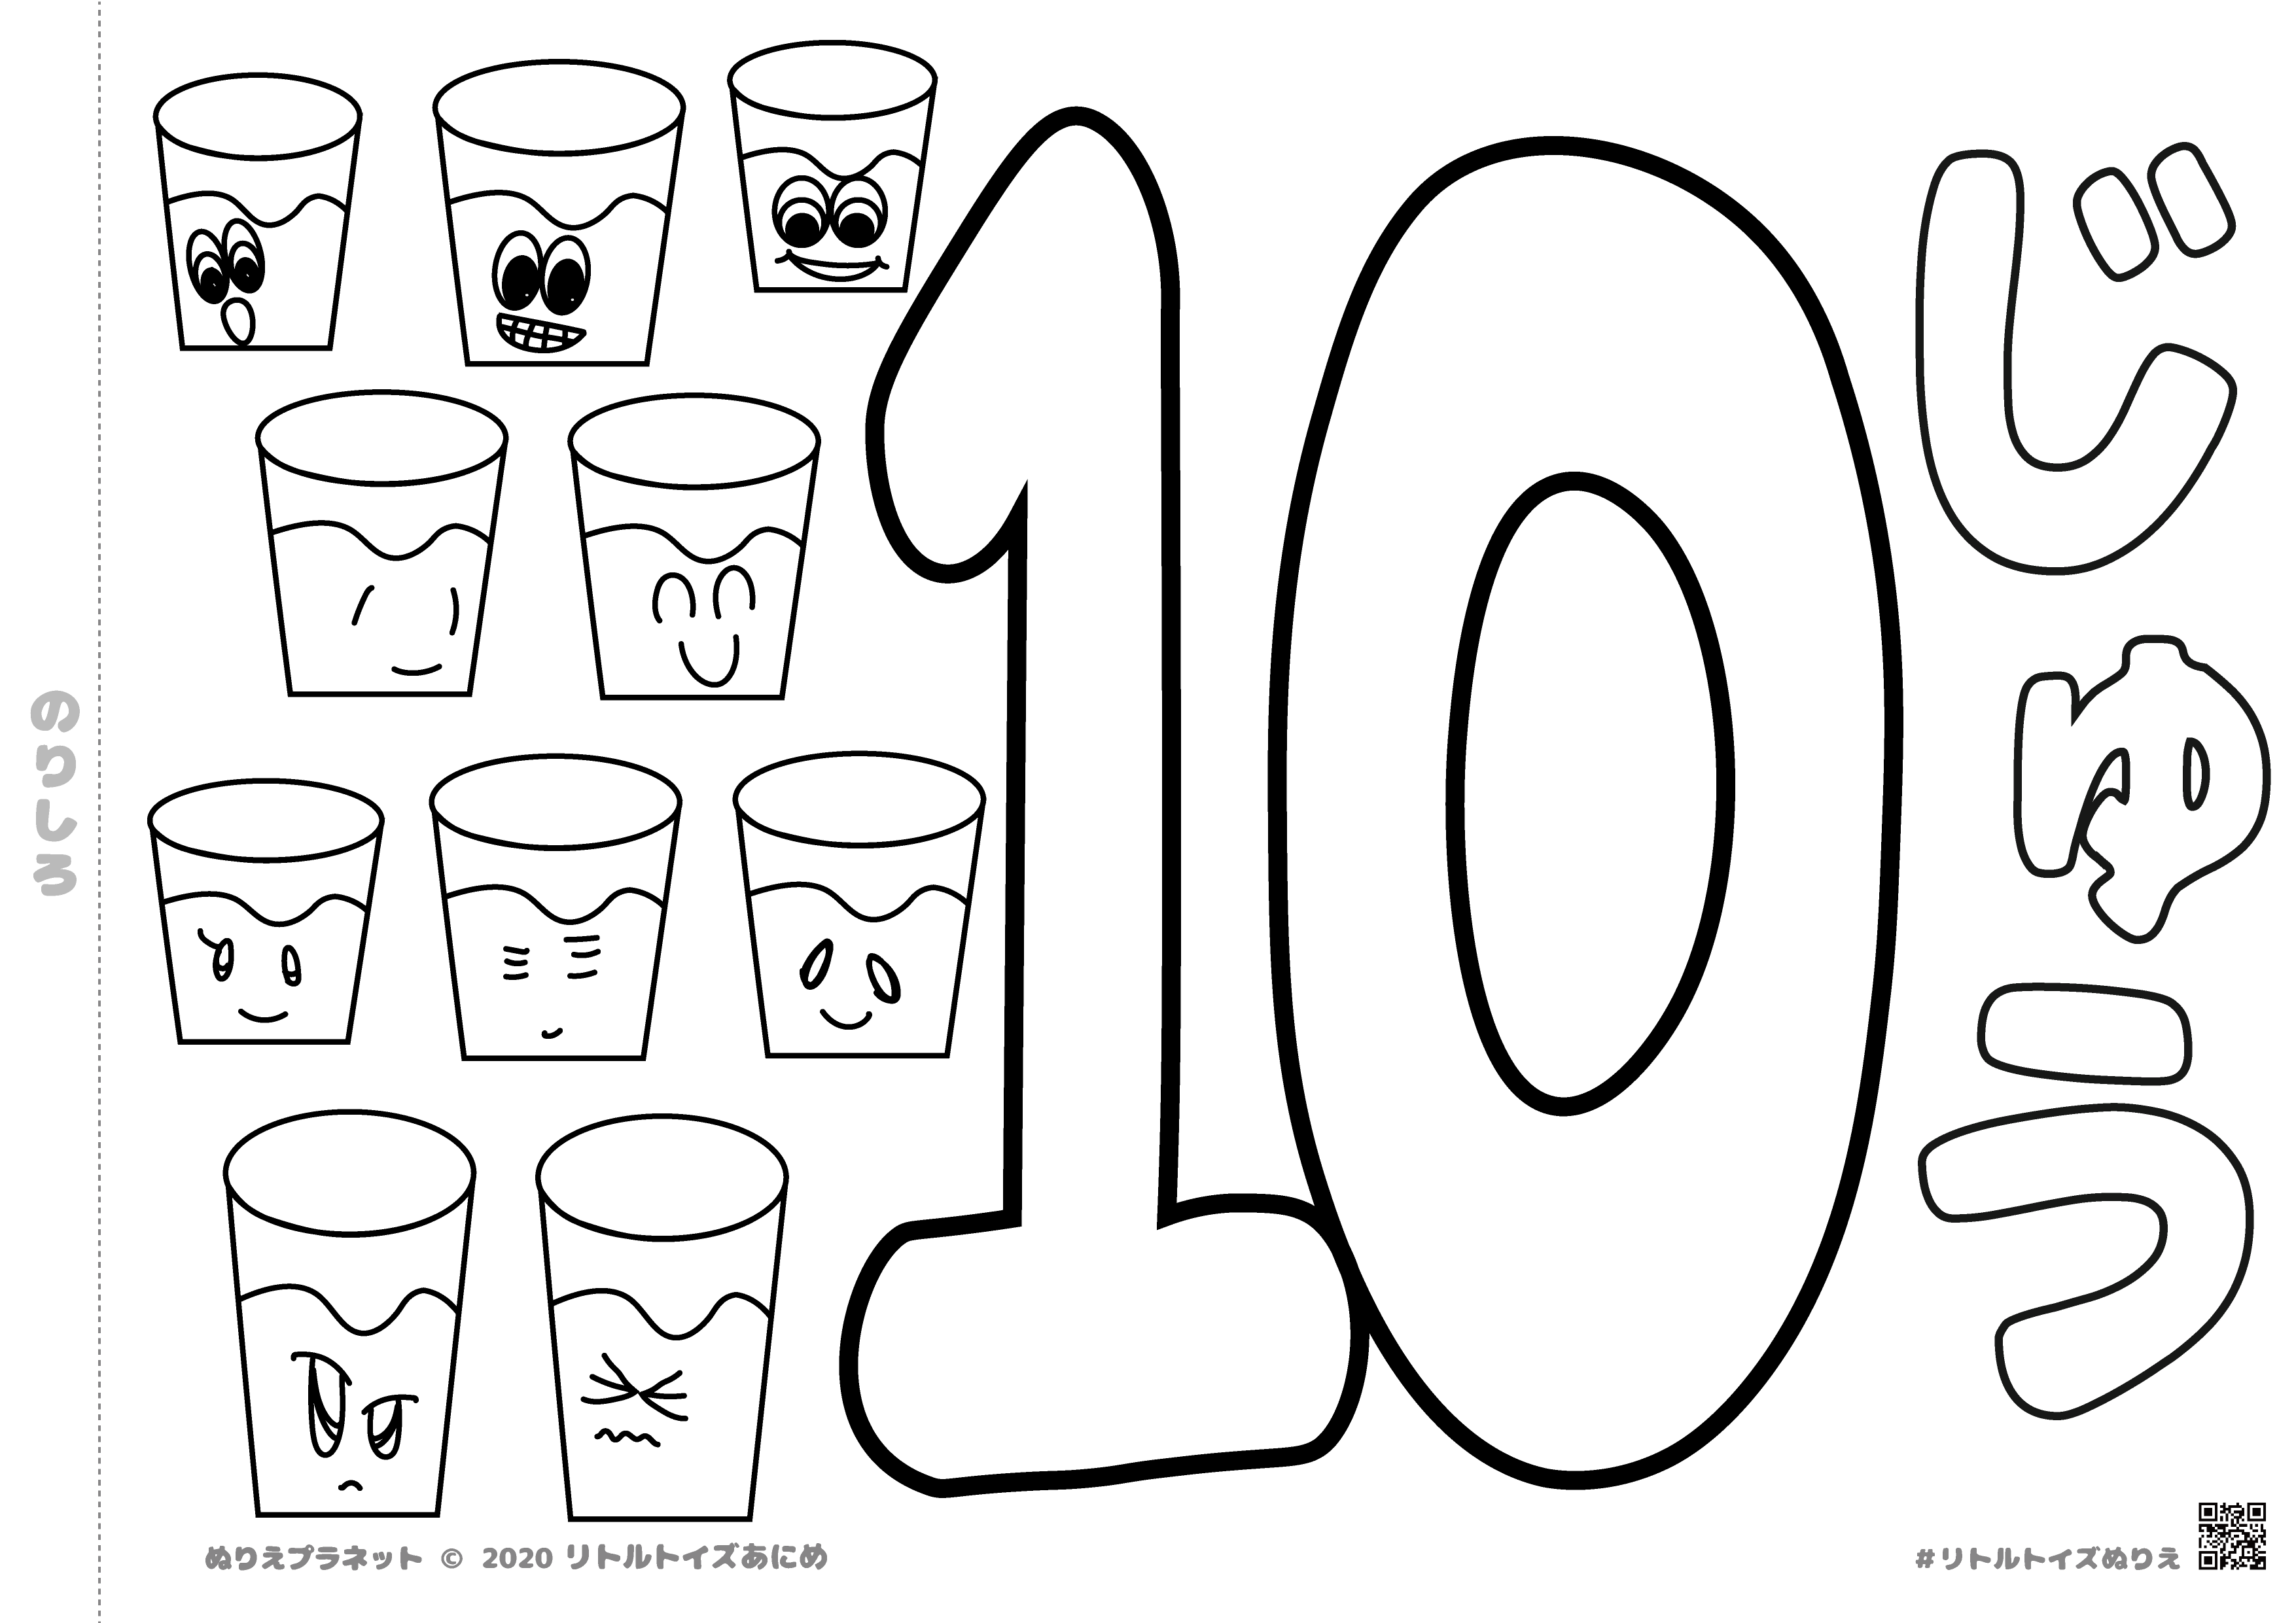 ジュースが10このぬりえです。